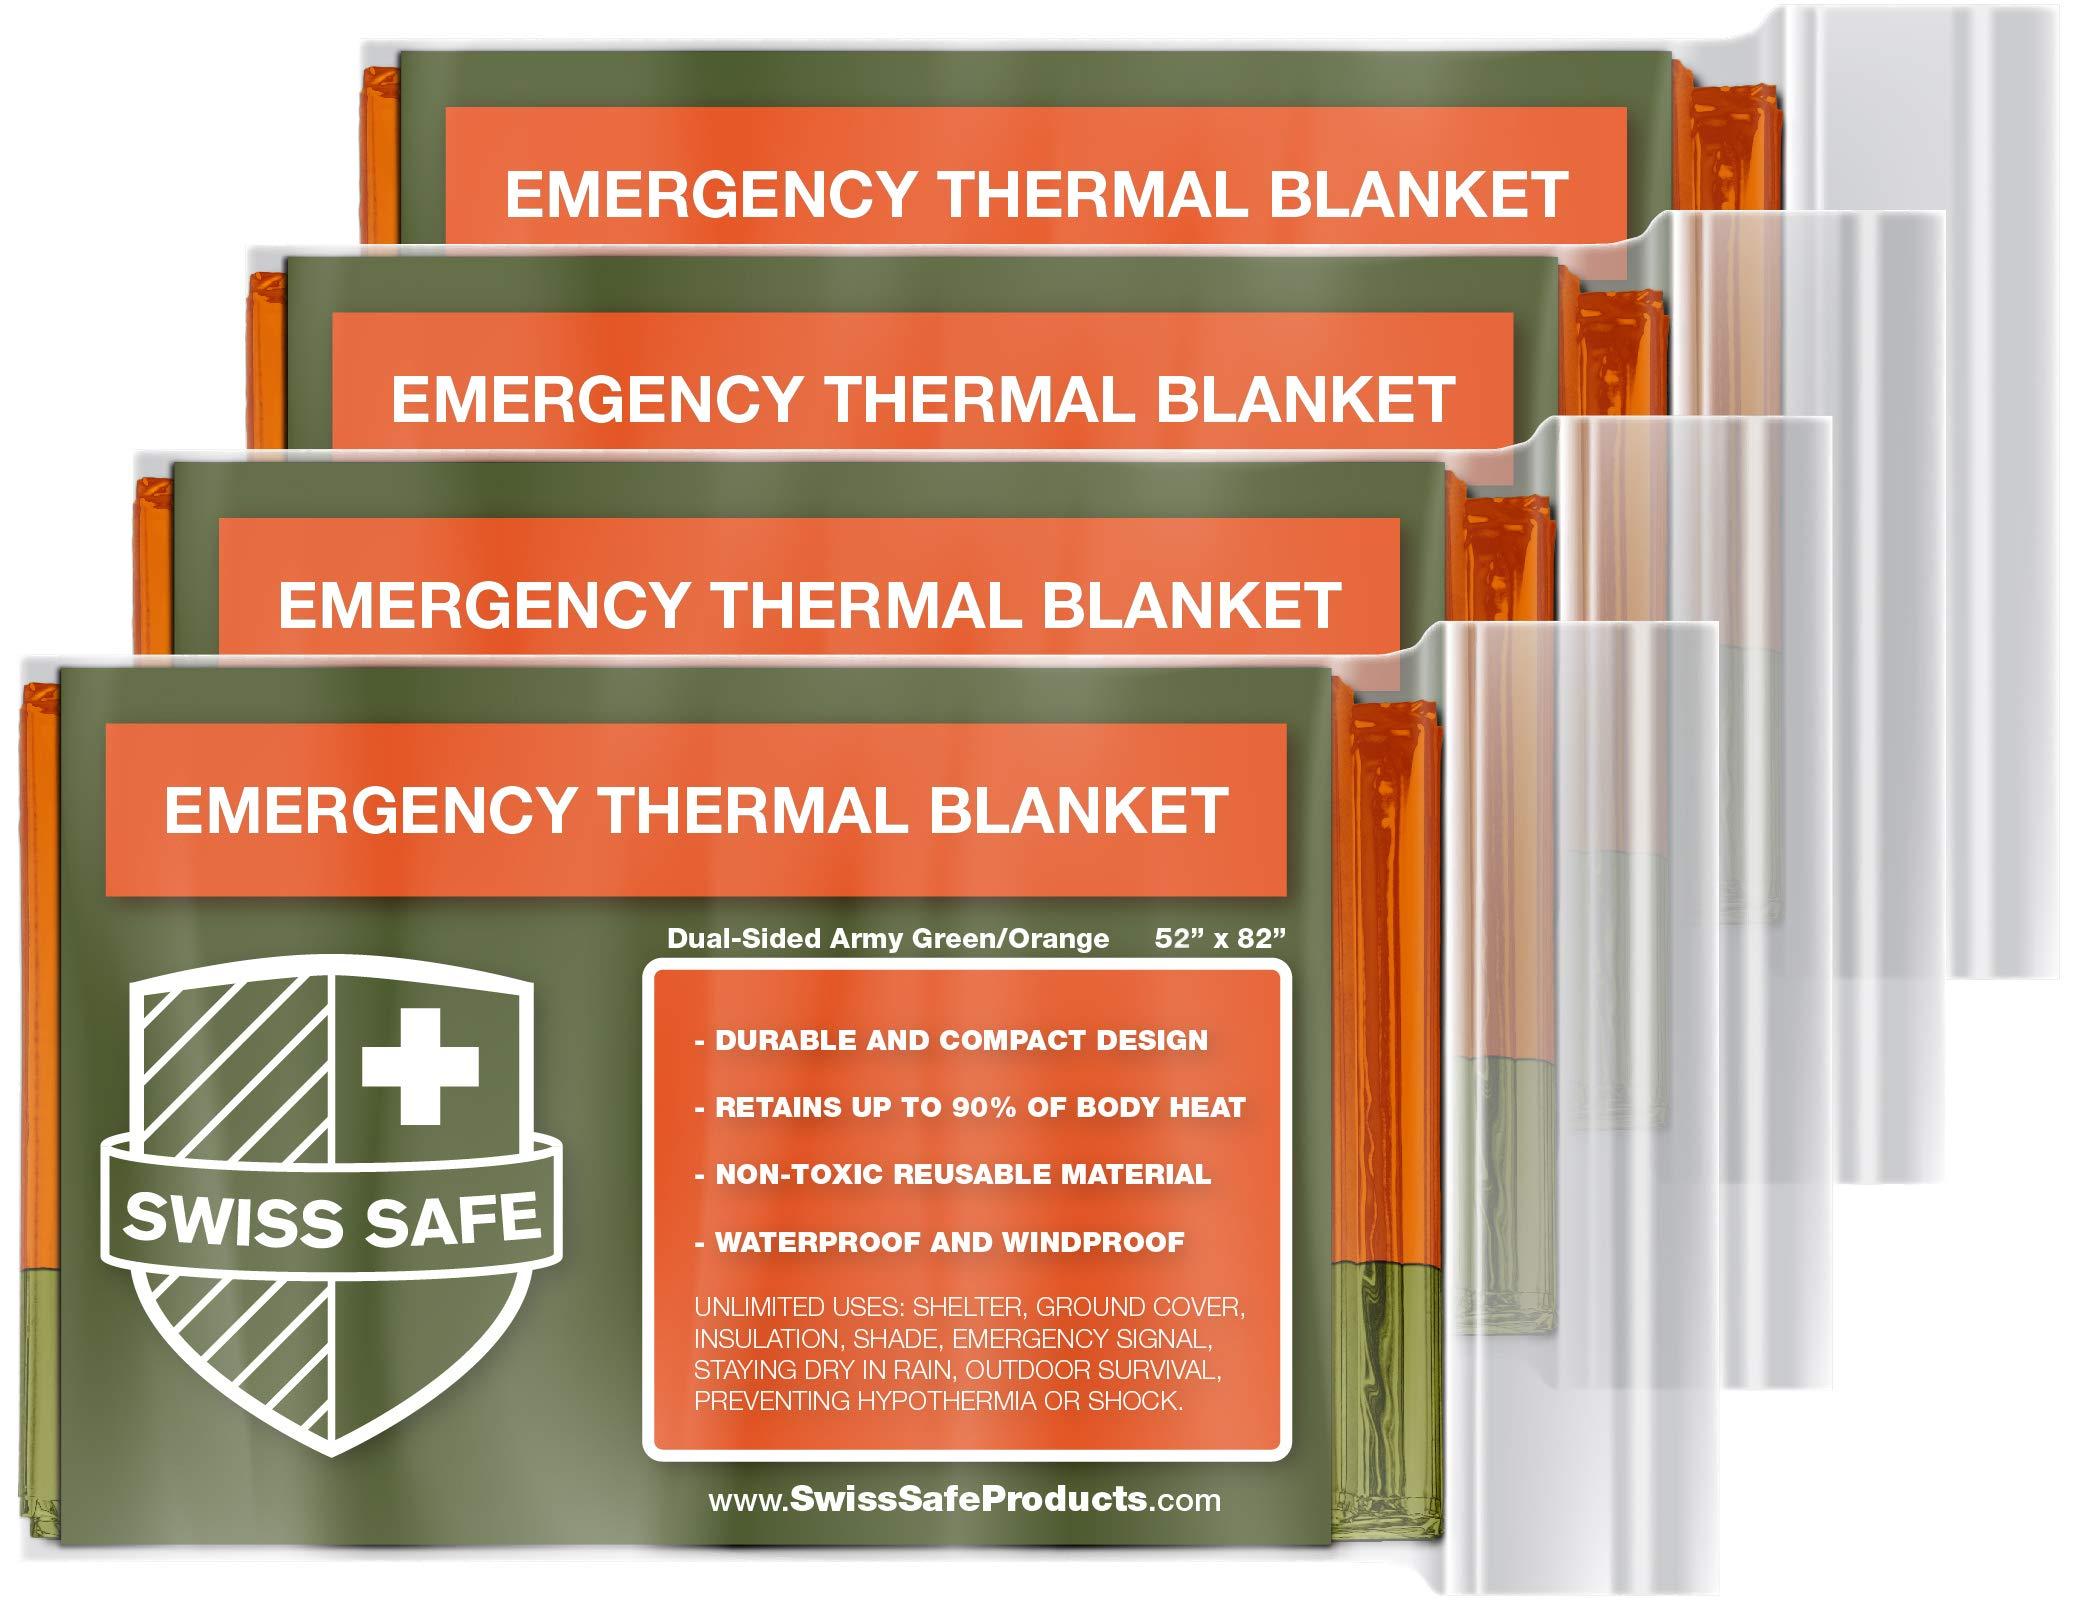 スイススペースブランケット箔*緊急ポリエステル熱毛布(4がインストールされている)+ギフト署名金:NASA、アウトドア、ハイキング、生存、救急マラソンや設計のために設計されました